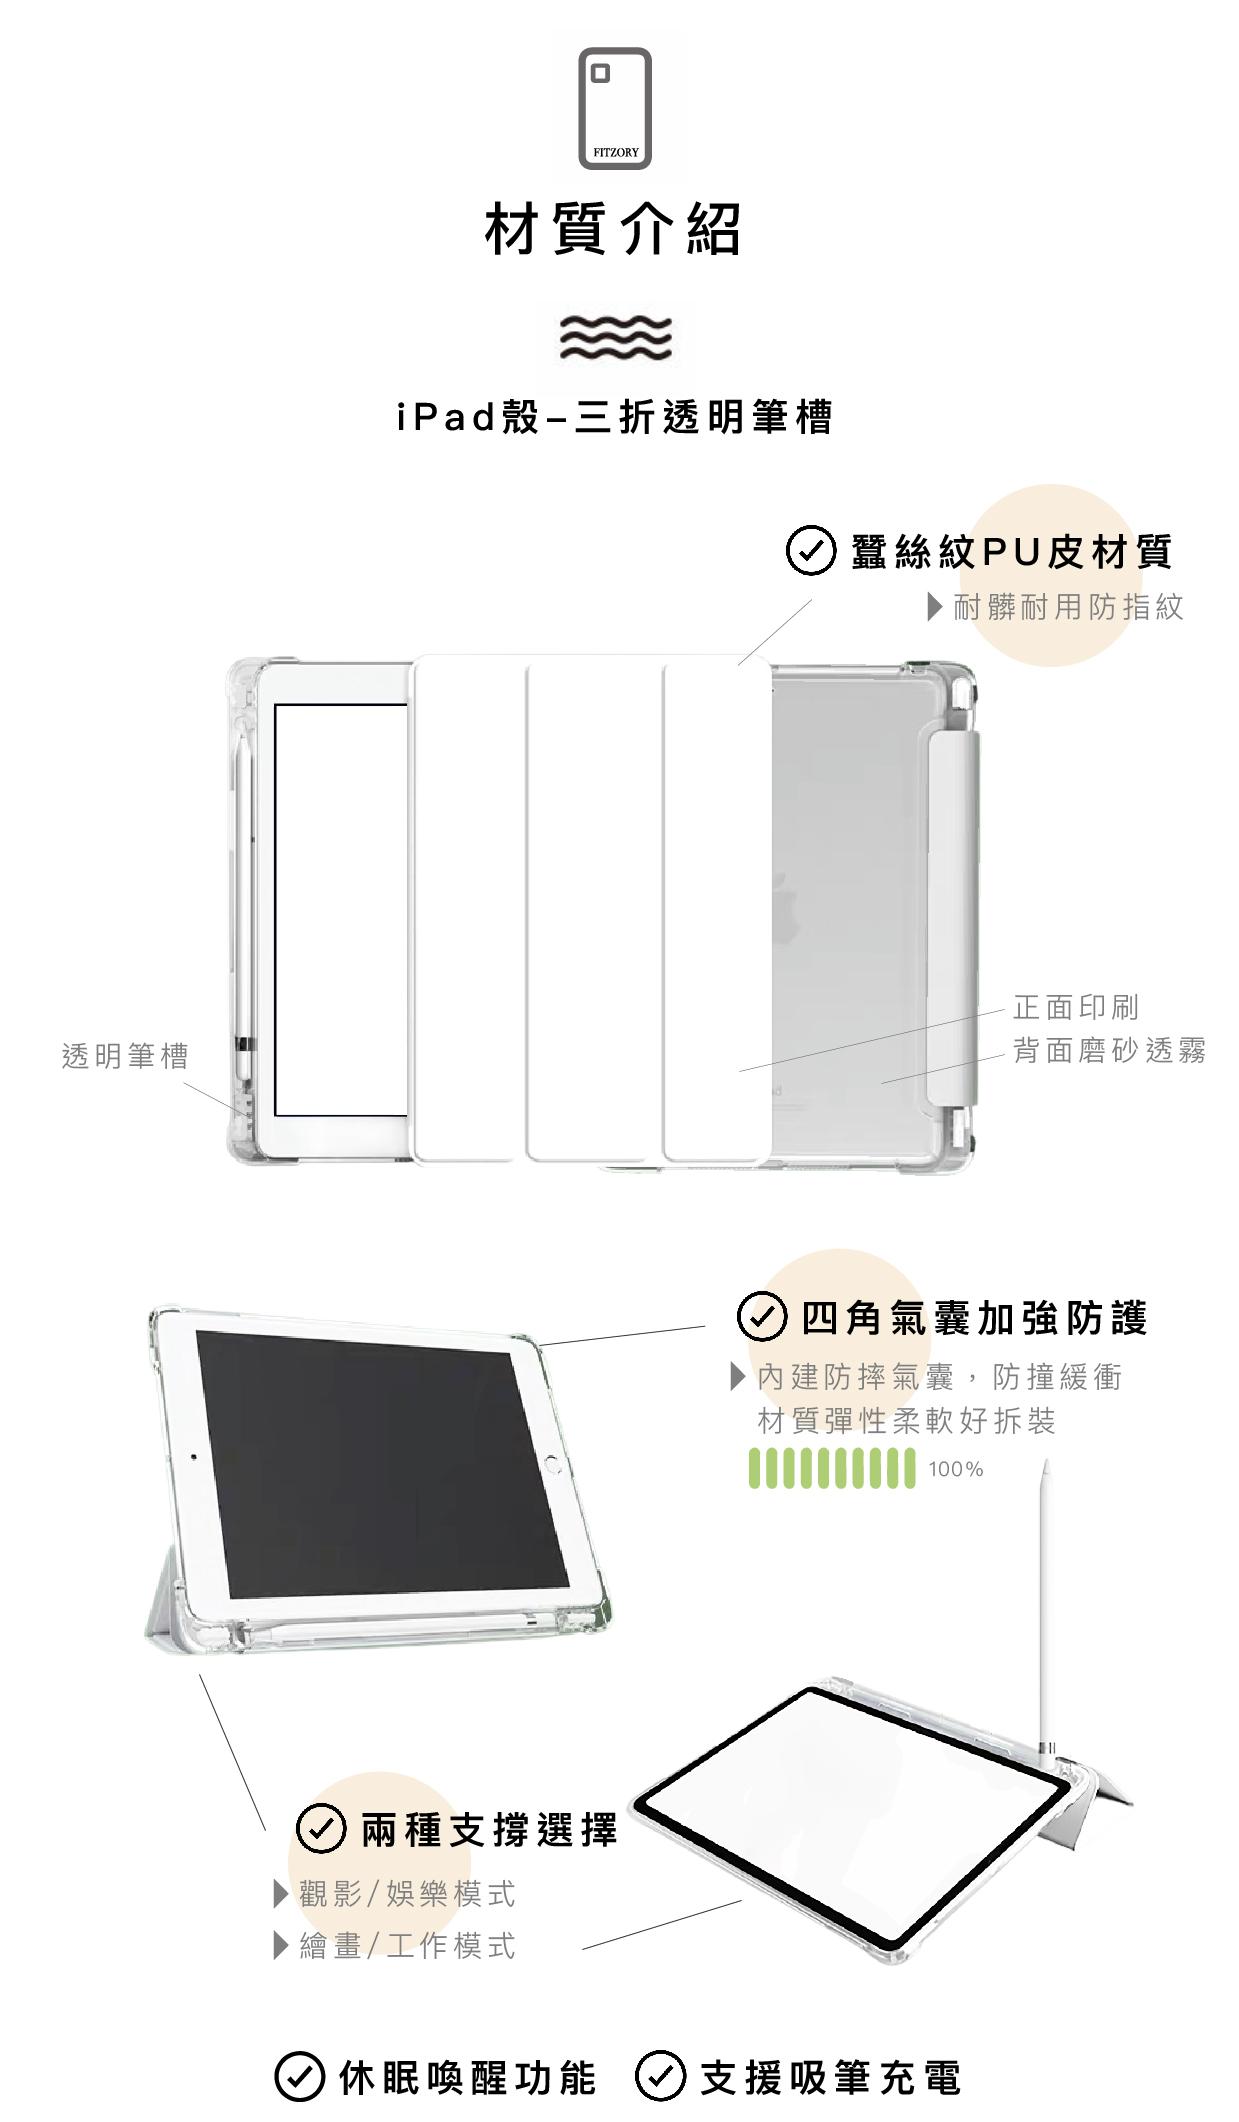 2021客製化內文(材質.顏色.須知)_材質-ipad雙面筆槽.jpg